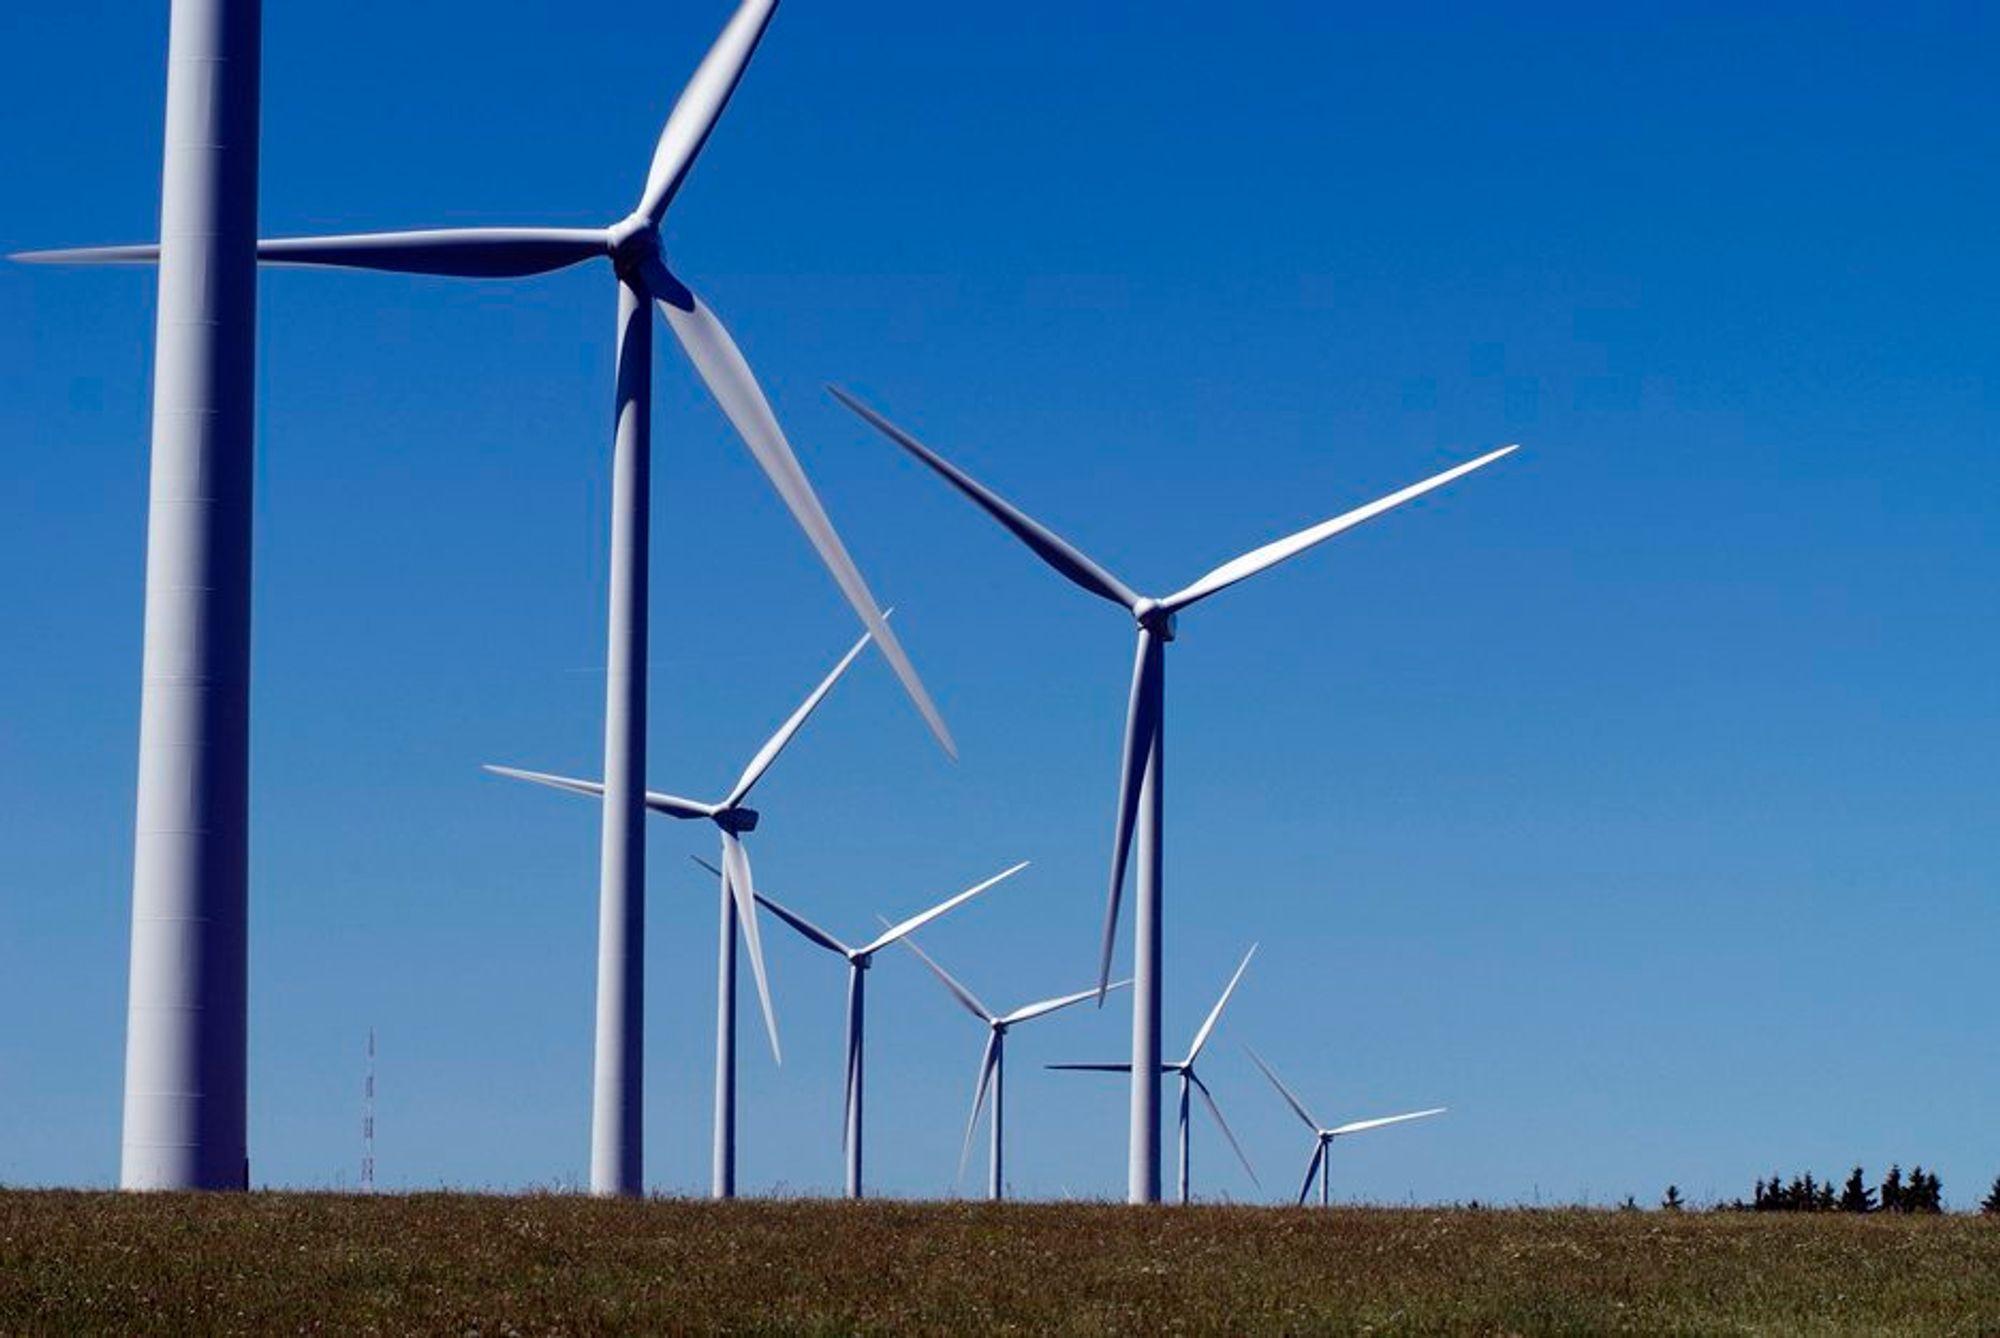 Innbyggere i norske vindkraftkommuner er mer positive til vindkraft enn befolkningen for øvrig. 7 av 10 som kan se møllene fra huset vil ha flere.